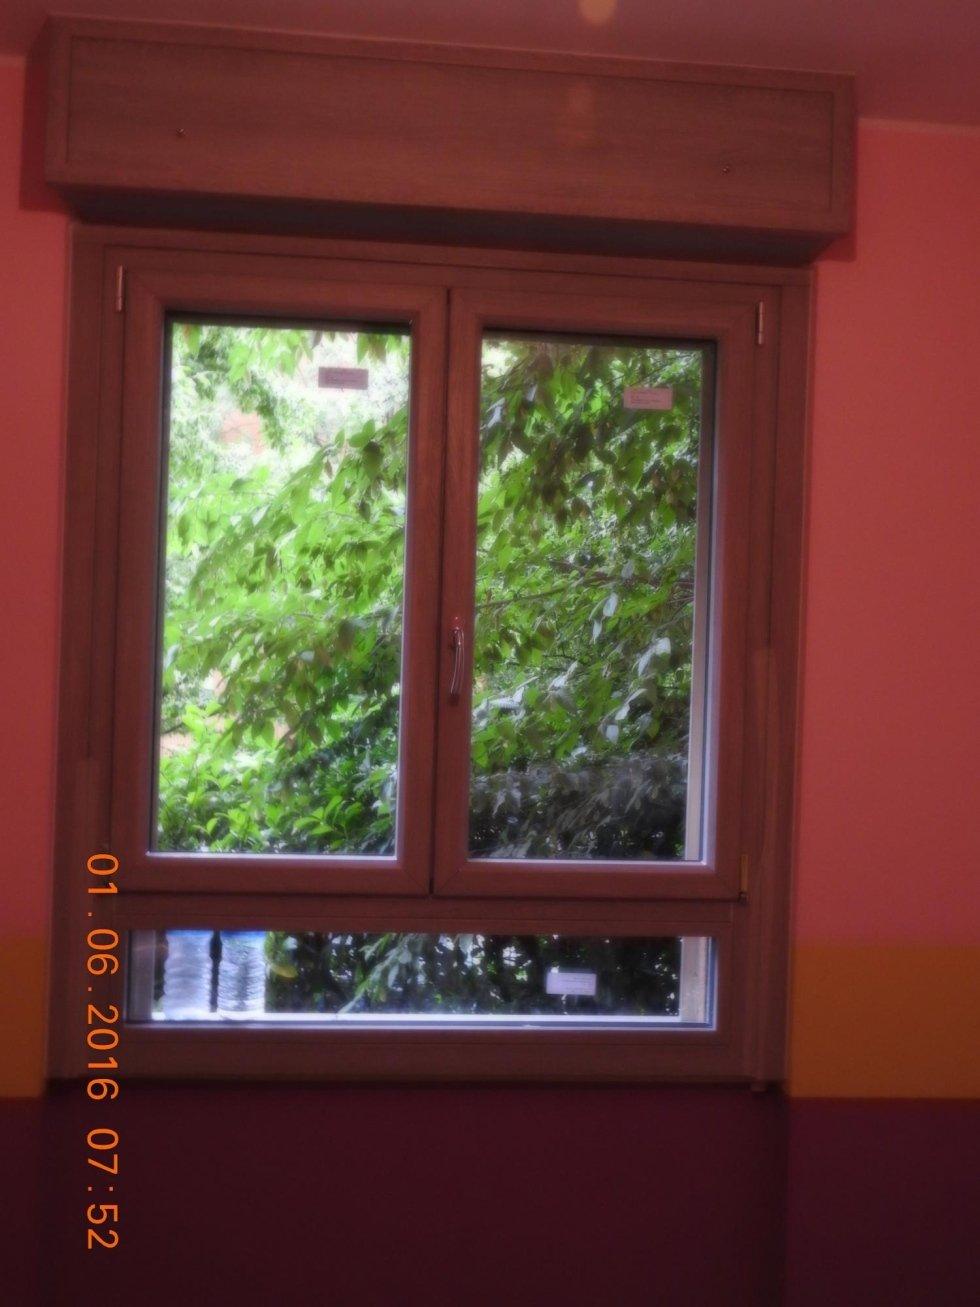 finestra in ciliegio rosso con vista su un albero